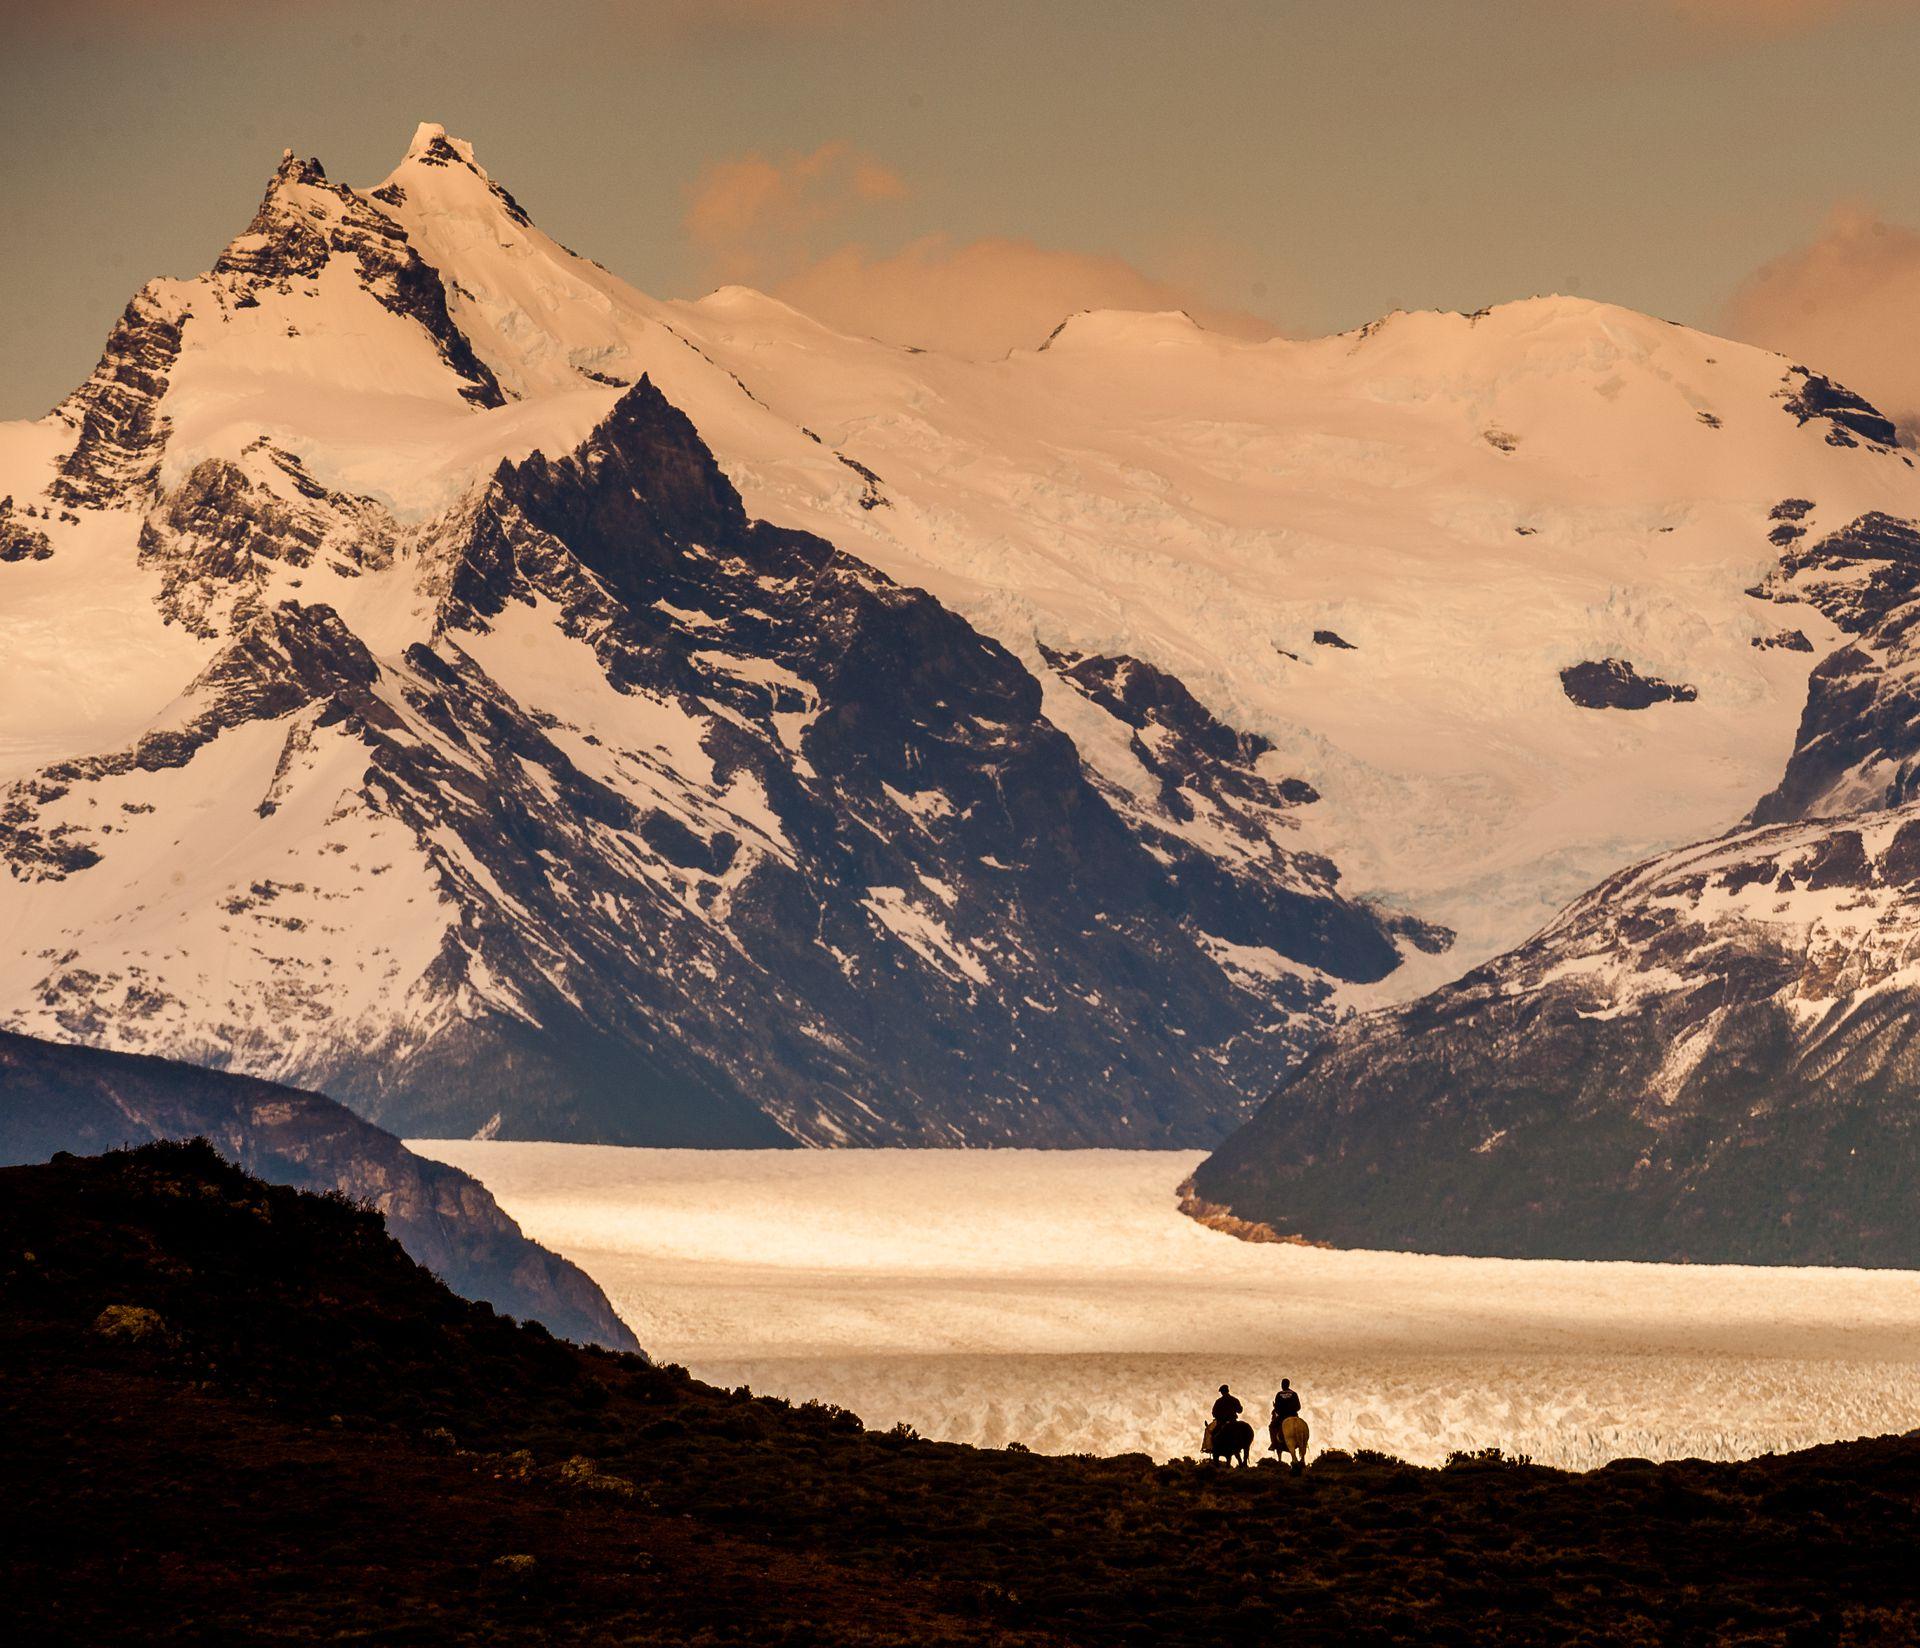 La imponencia de las montañas. Imperdibles cabalgatas en el Glaciar Perito Moreno, en Santa Cruz